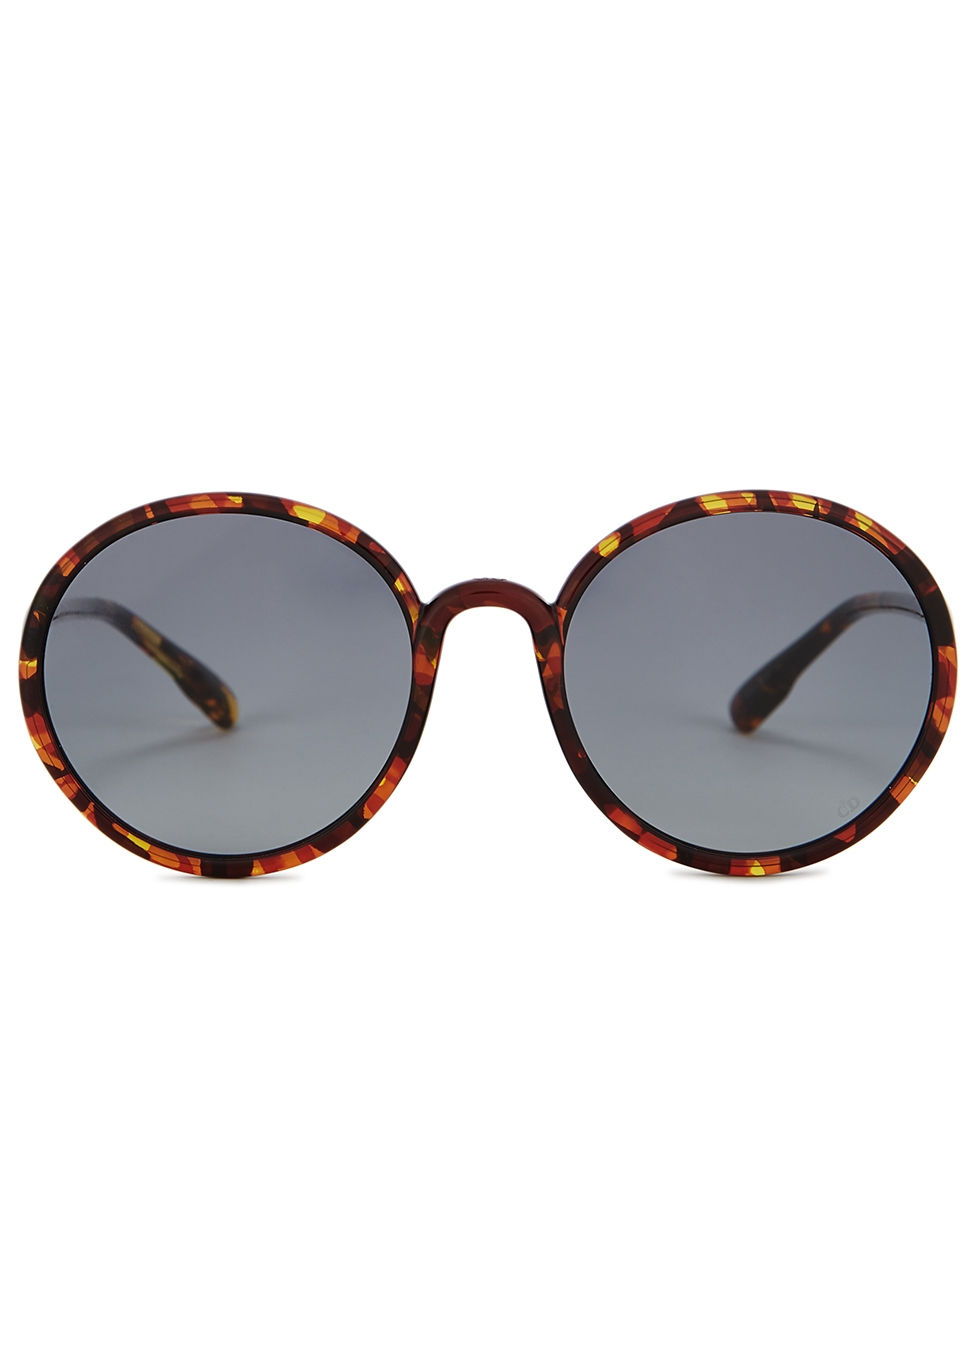 SoStellaire2 tortoiseshell round-frame sunglasses - Dior